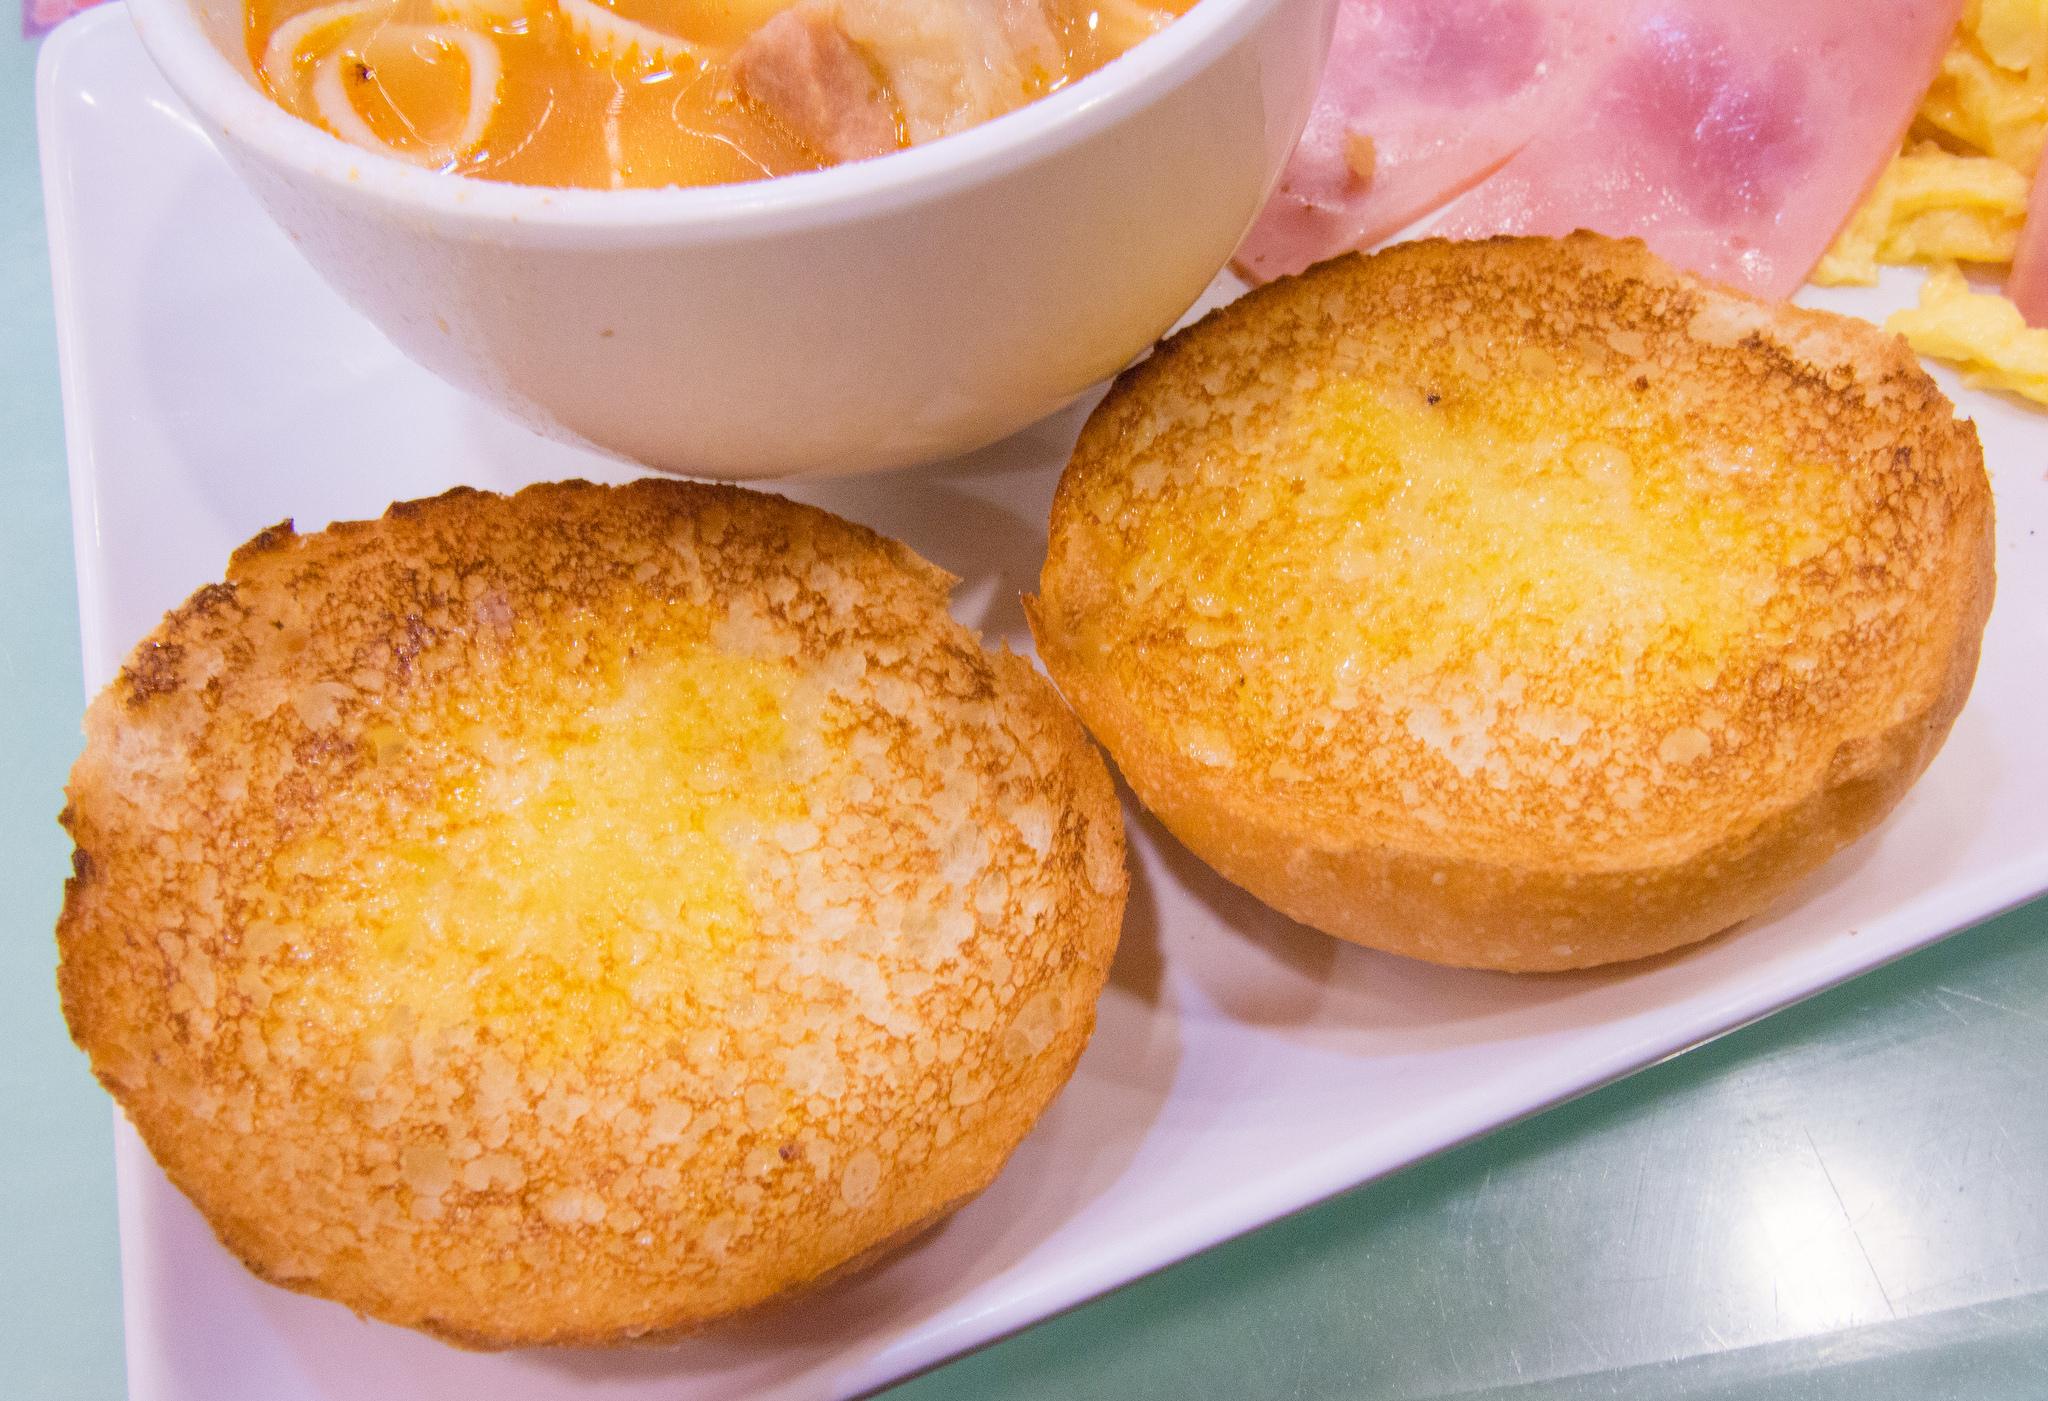 Crispy condensed milk buns | ©sstrieu/Flickr